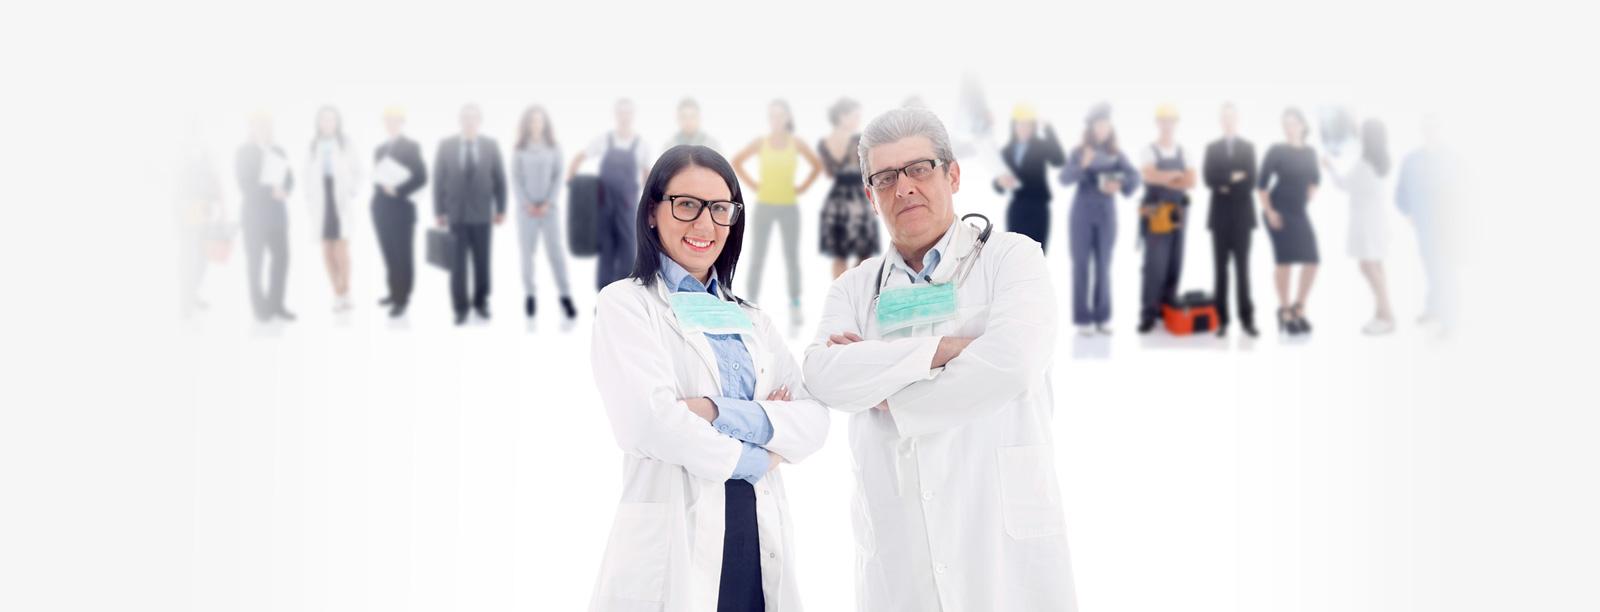 klinik-doktor-kesihatan-pekerjaan-(occupational-health-doctor-clinic) malaysia